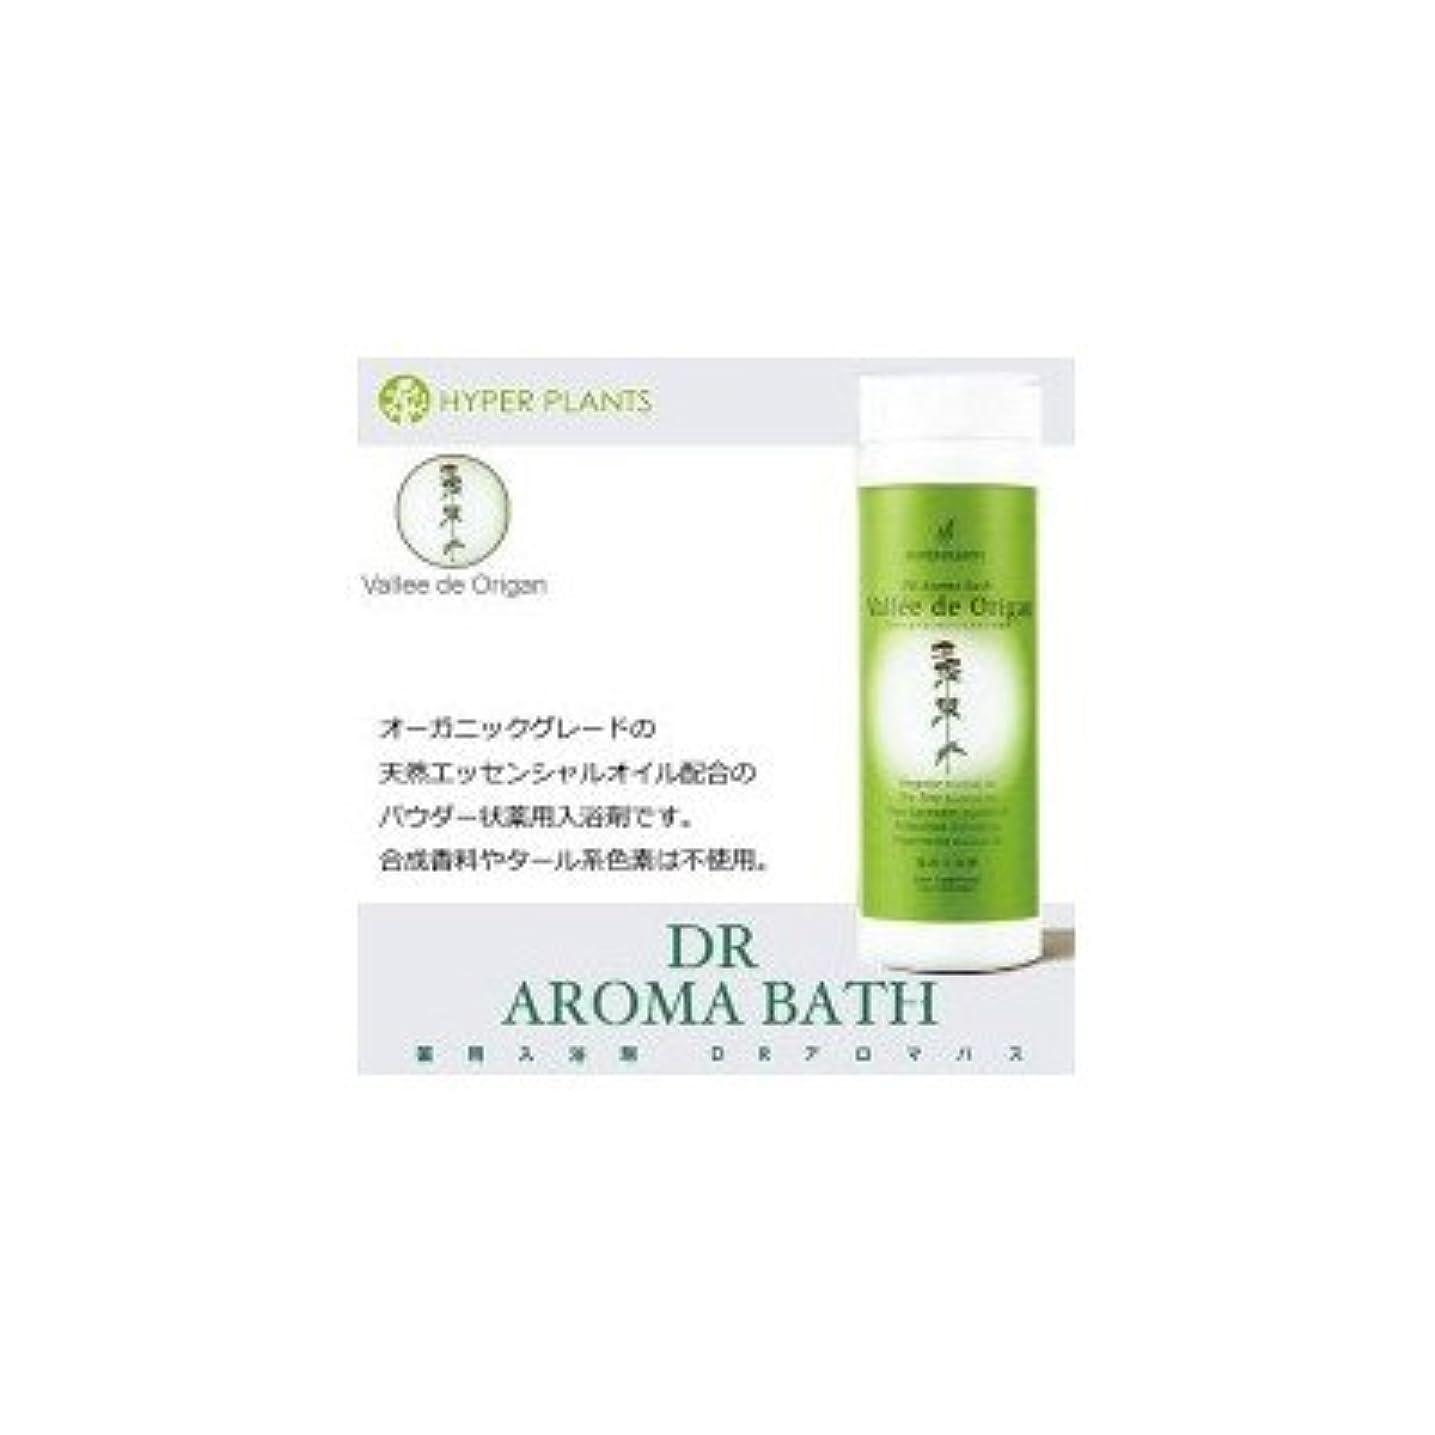 第二に用心深い抑制する医薬部外品 薬用入浴剤 ハイパープランツ(HYPER PLANTS) DRアロマバス ヴァレドオリガン 500g HN0218